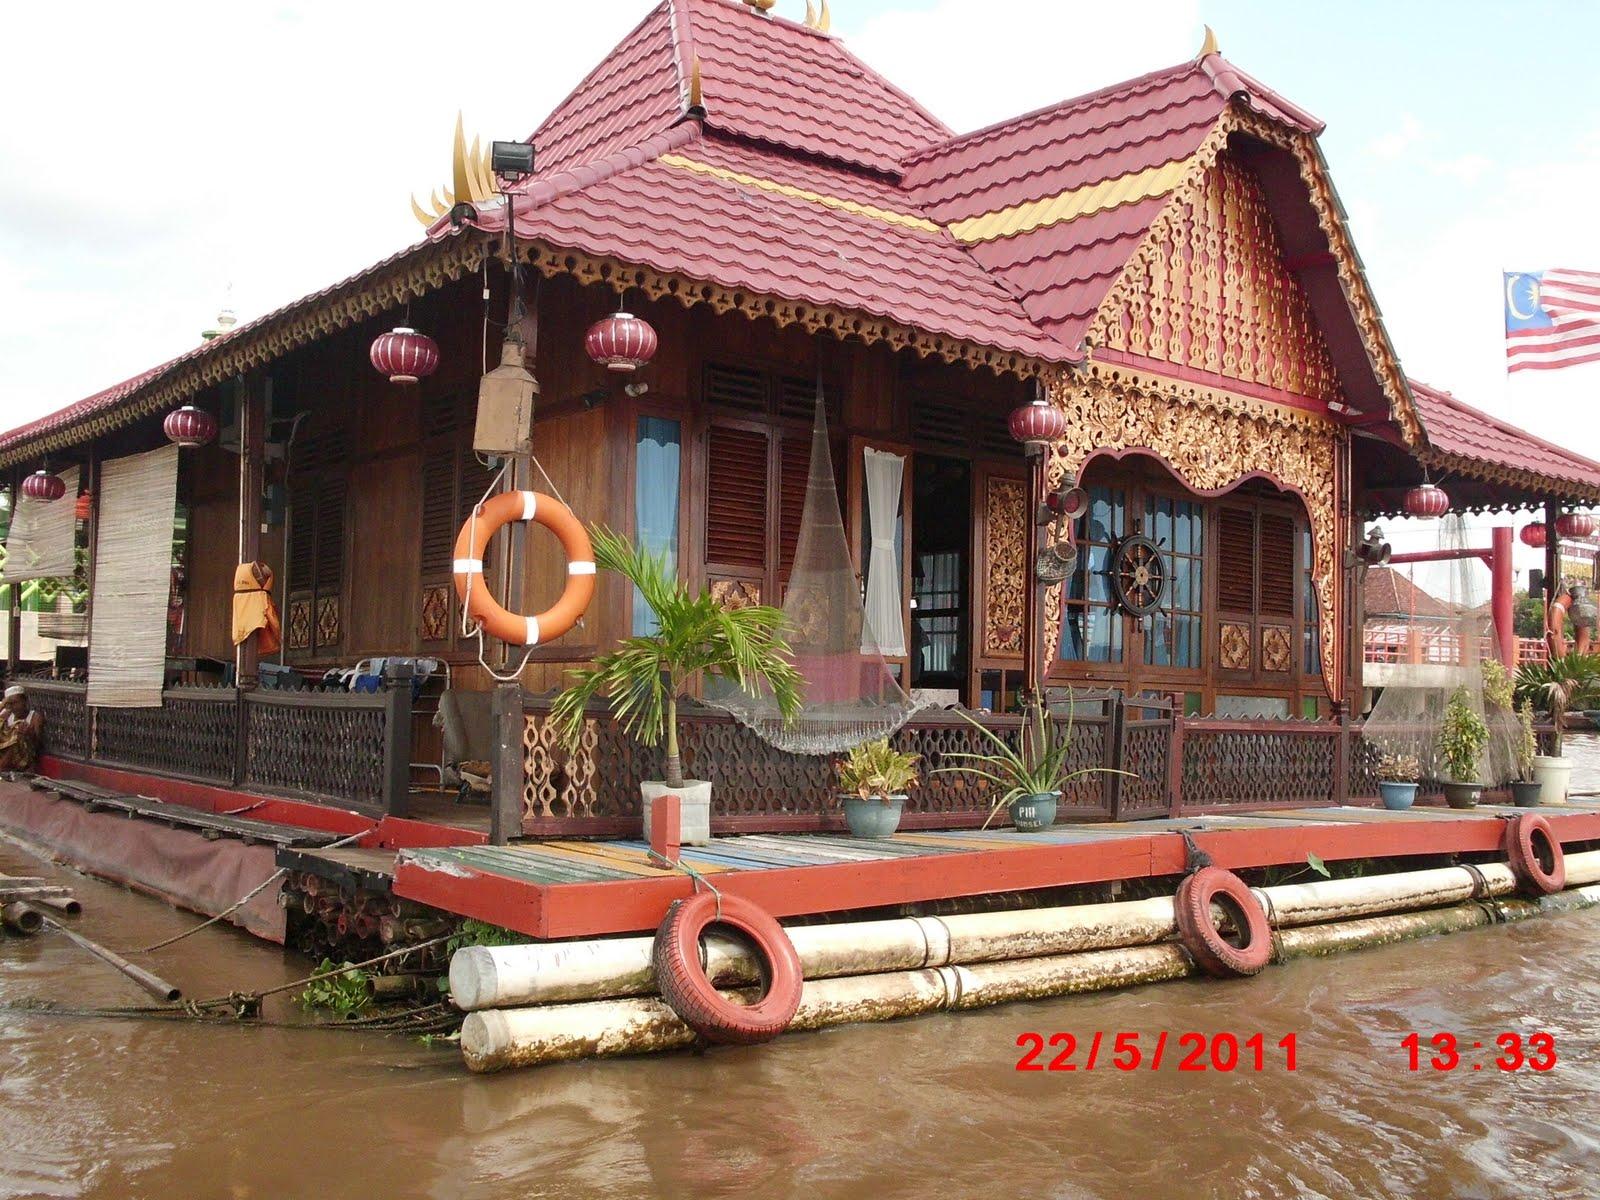 Arfiani Larasaty Ramadhanti Etnis Palembang Figure 1 Rumah Limas Sumatera